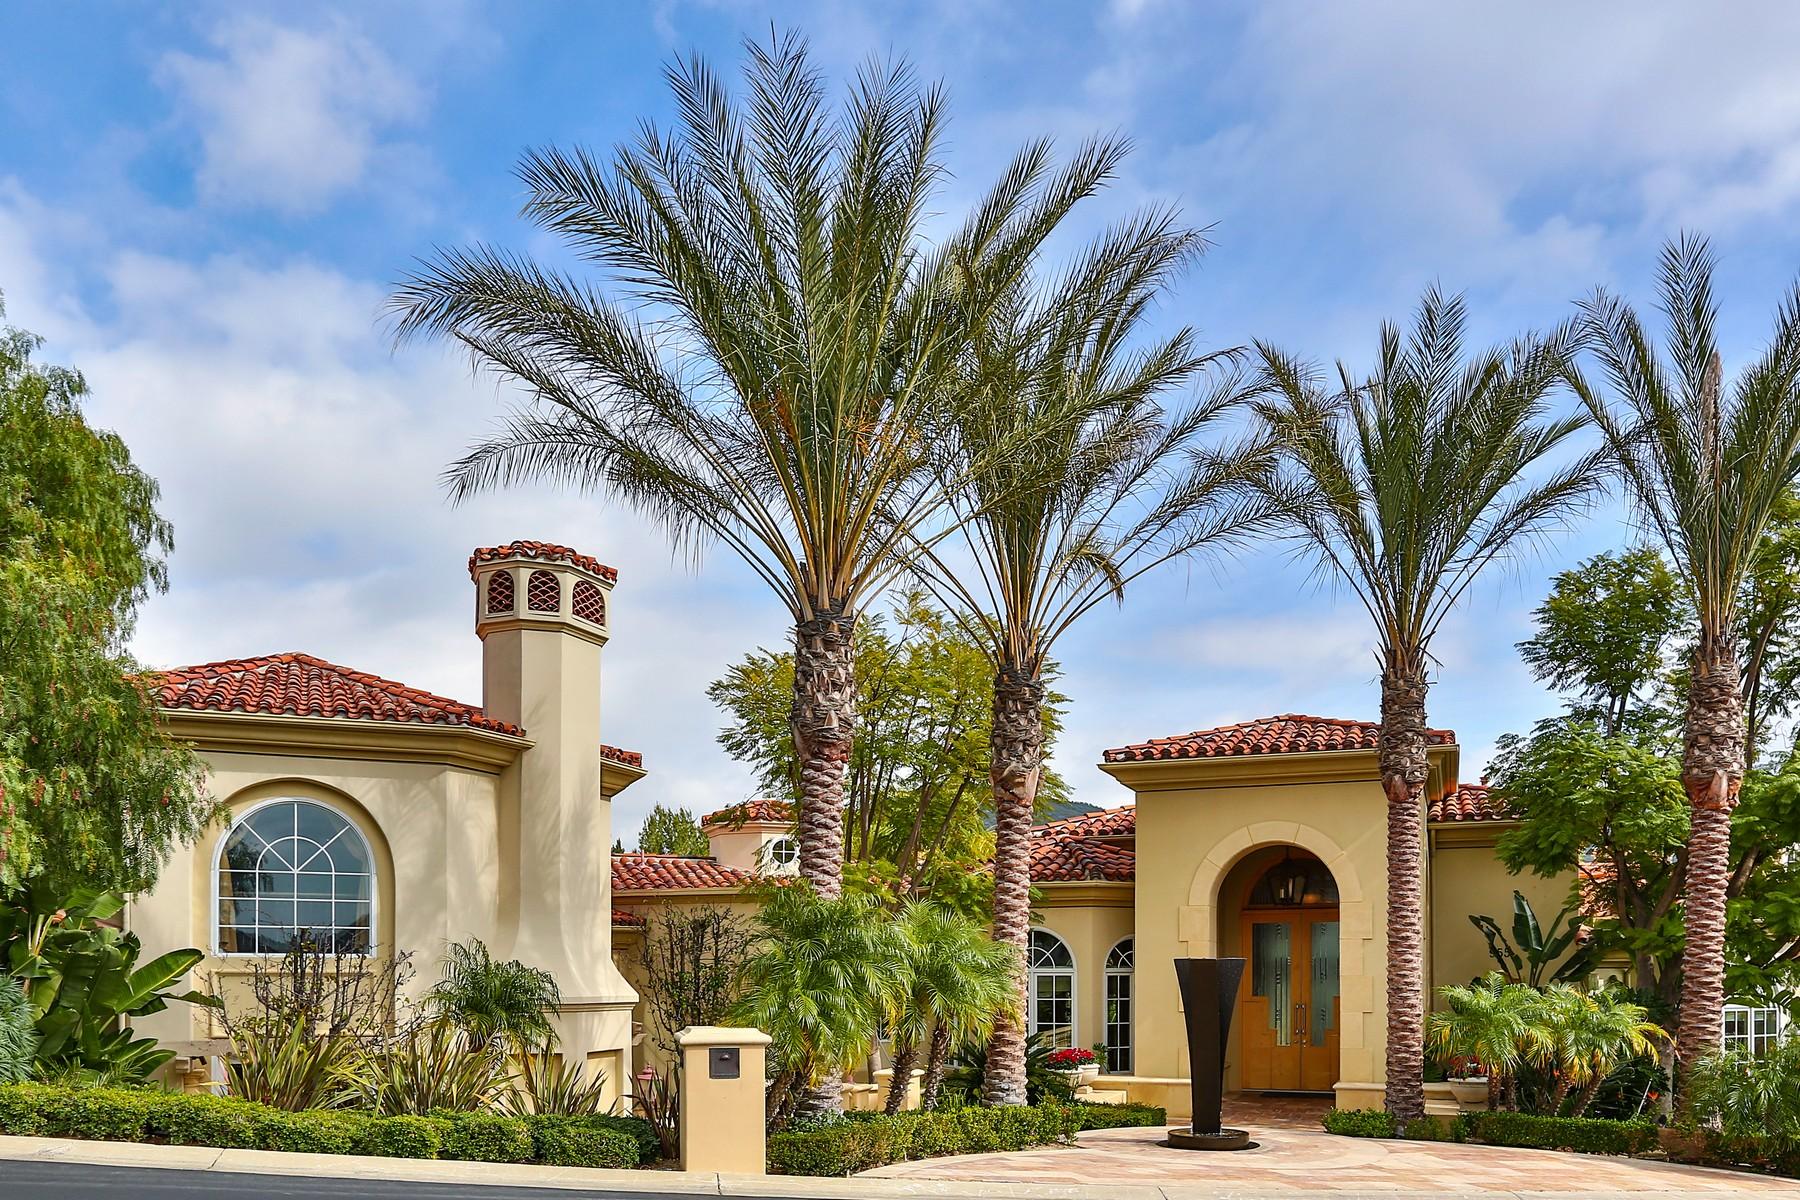 Single Family Home for Sale at Vista Ridge Lane 955 Vista Ridge Lane Westlake Village, California, 91362 United States